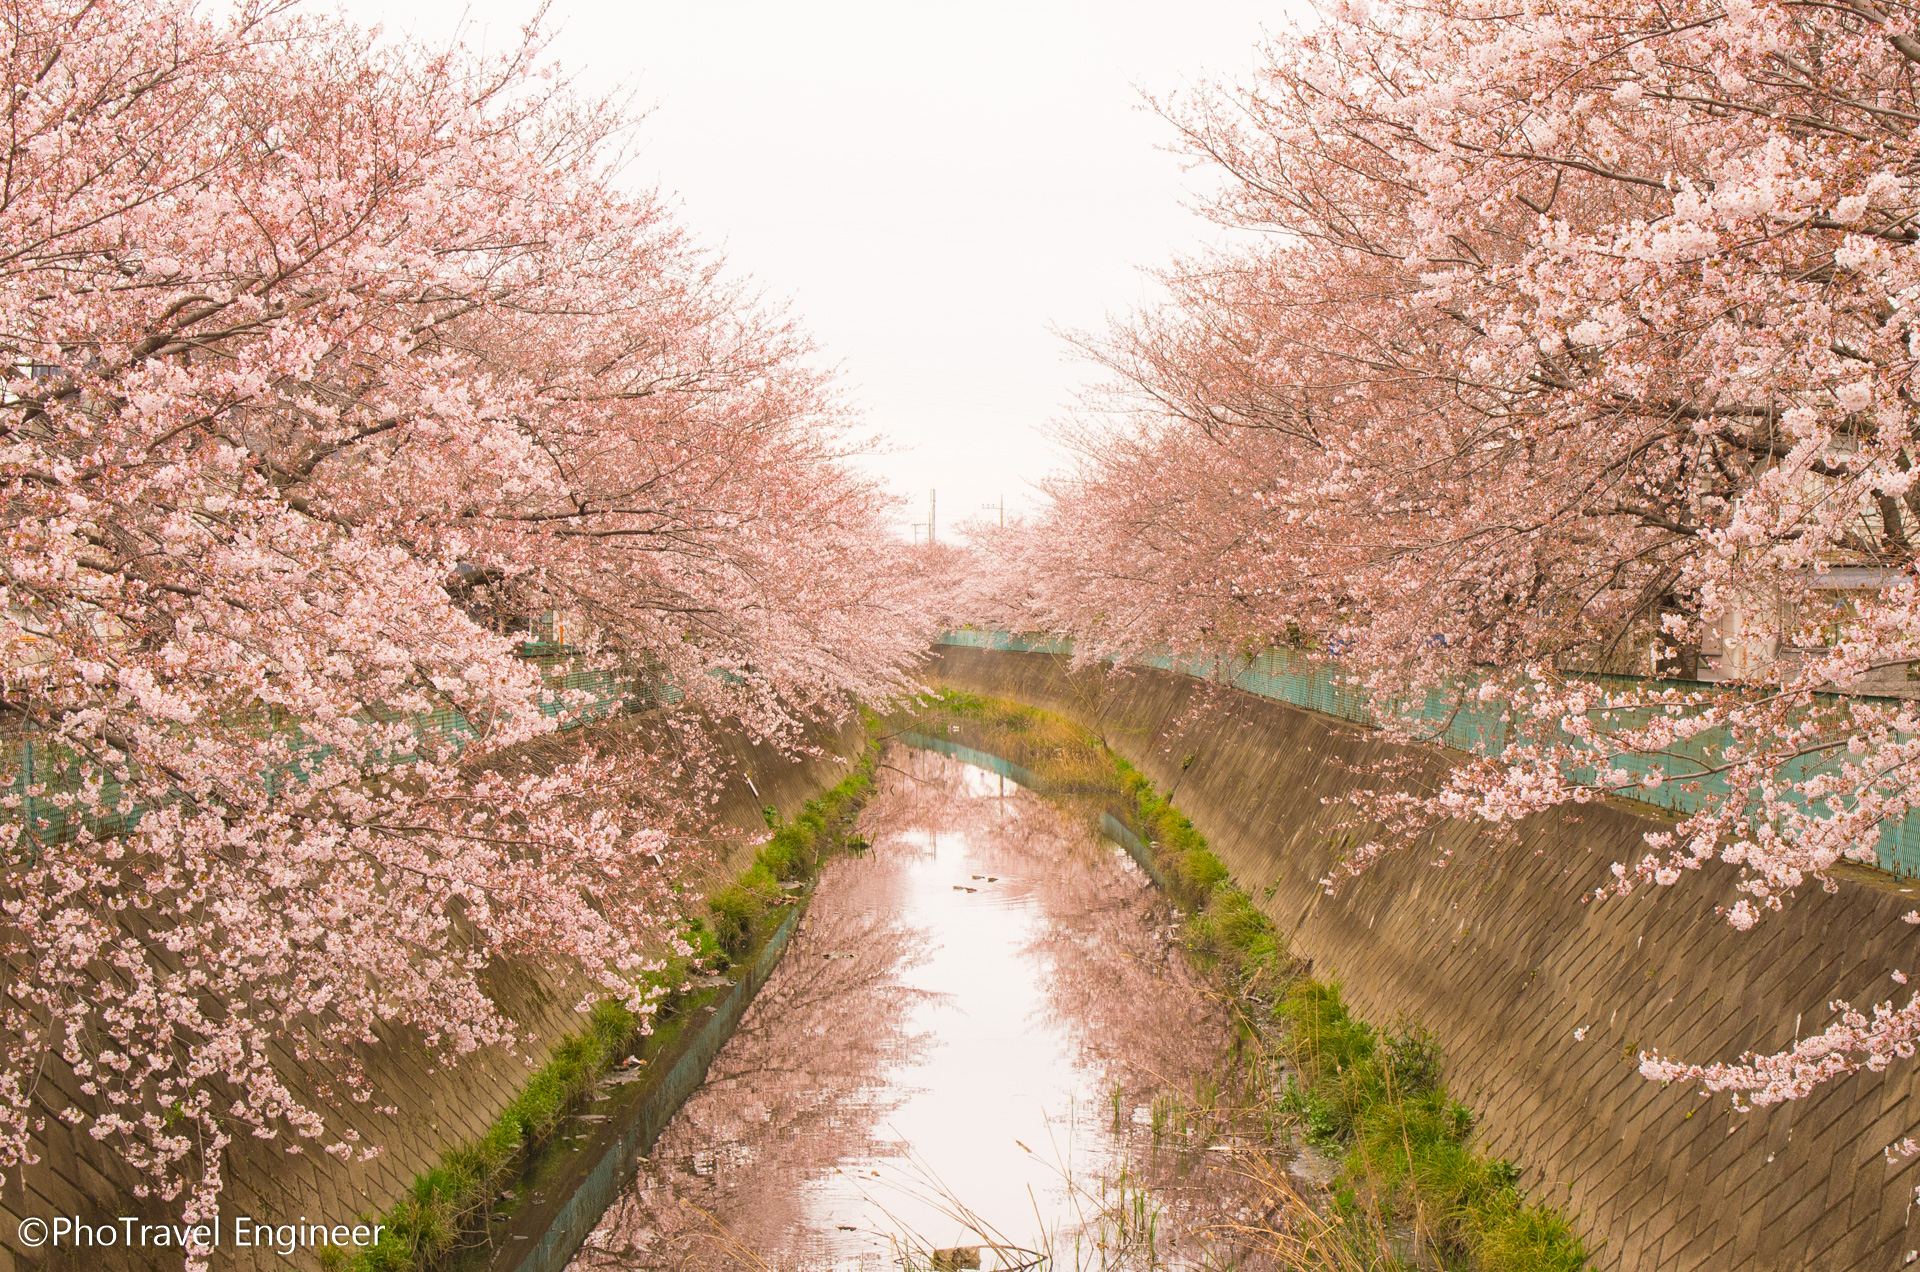 武蔵野線沿線(東浦和~東川口)の桜① 川口市にある伝右川の桜並木